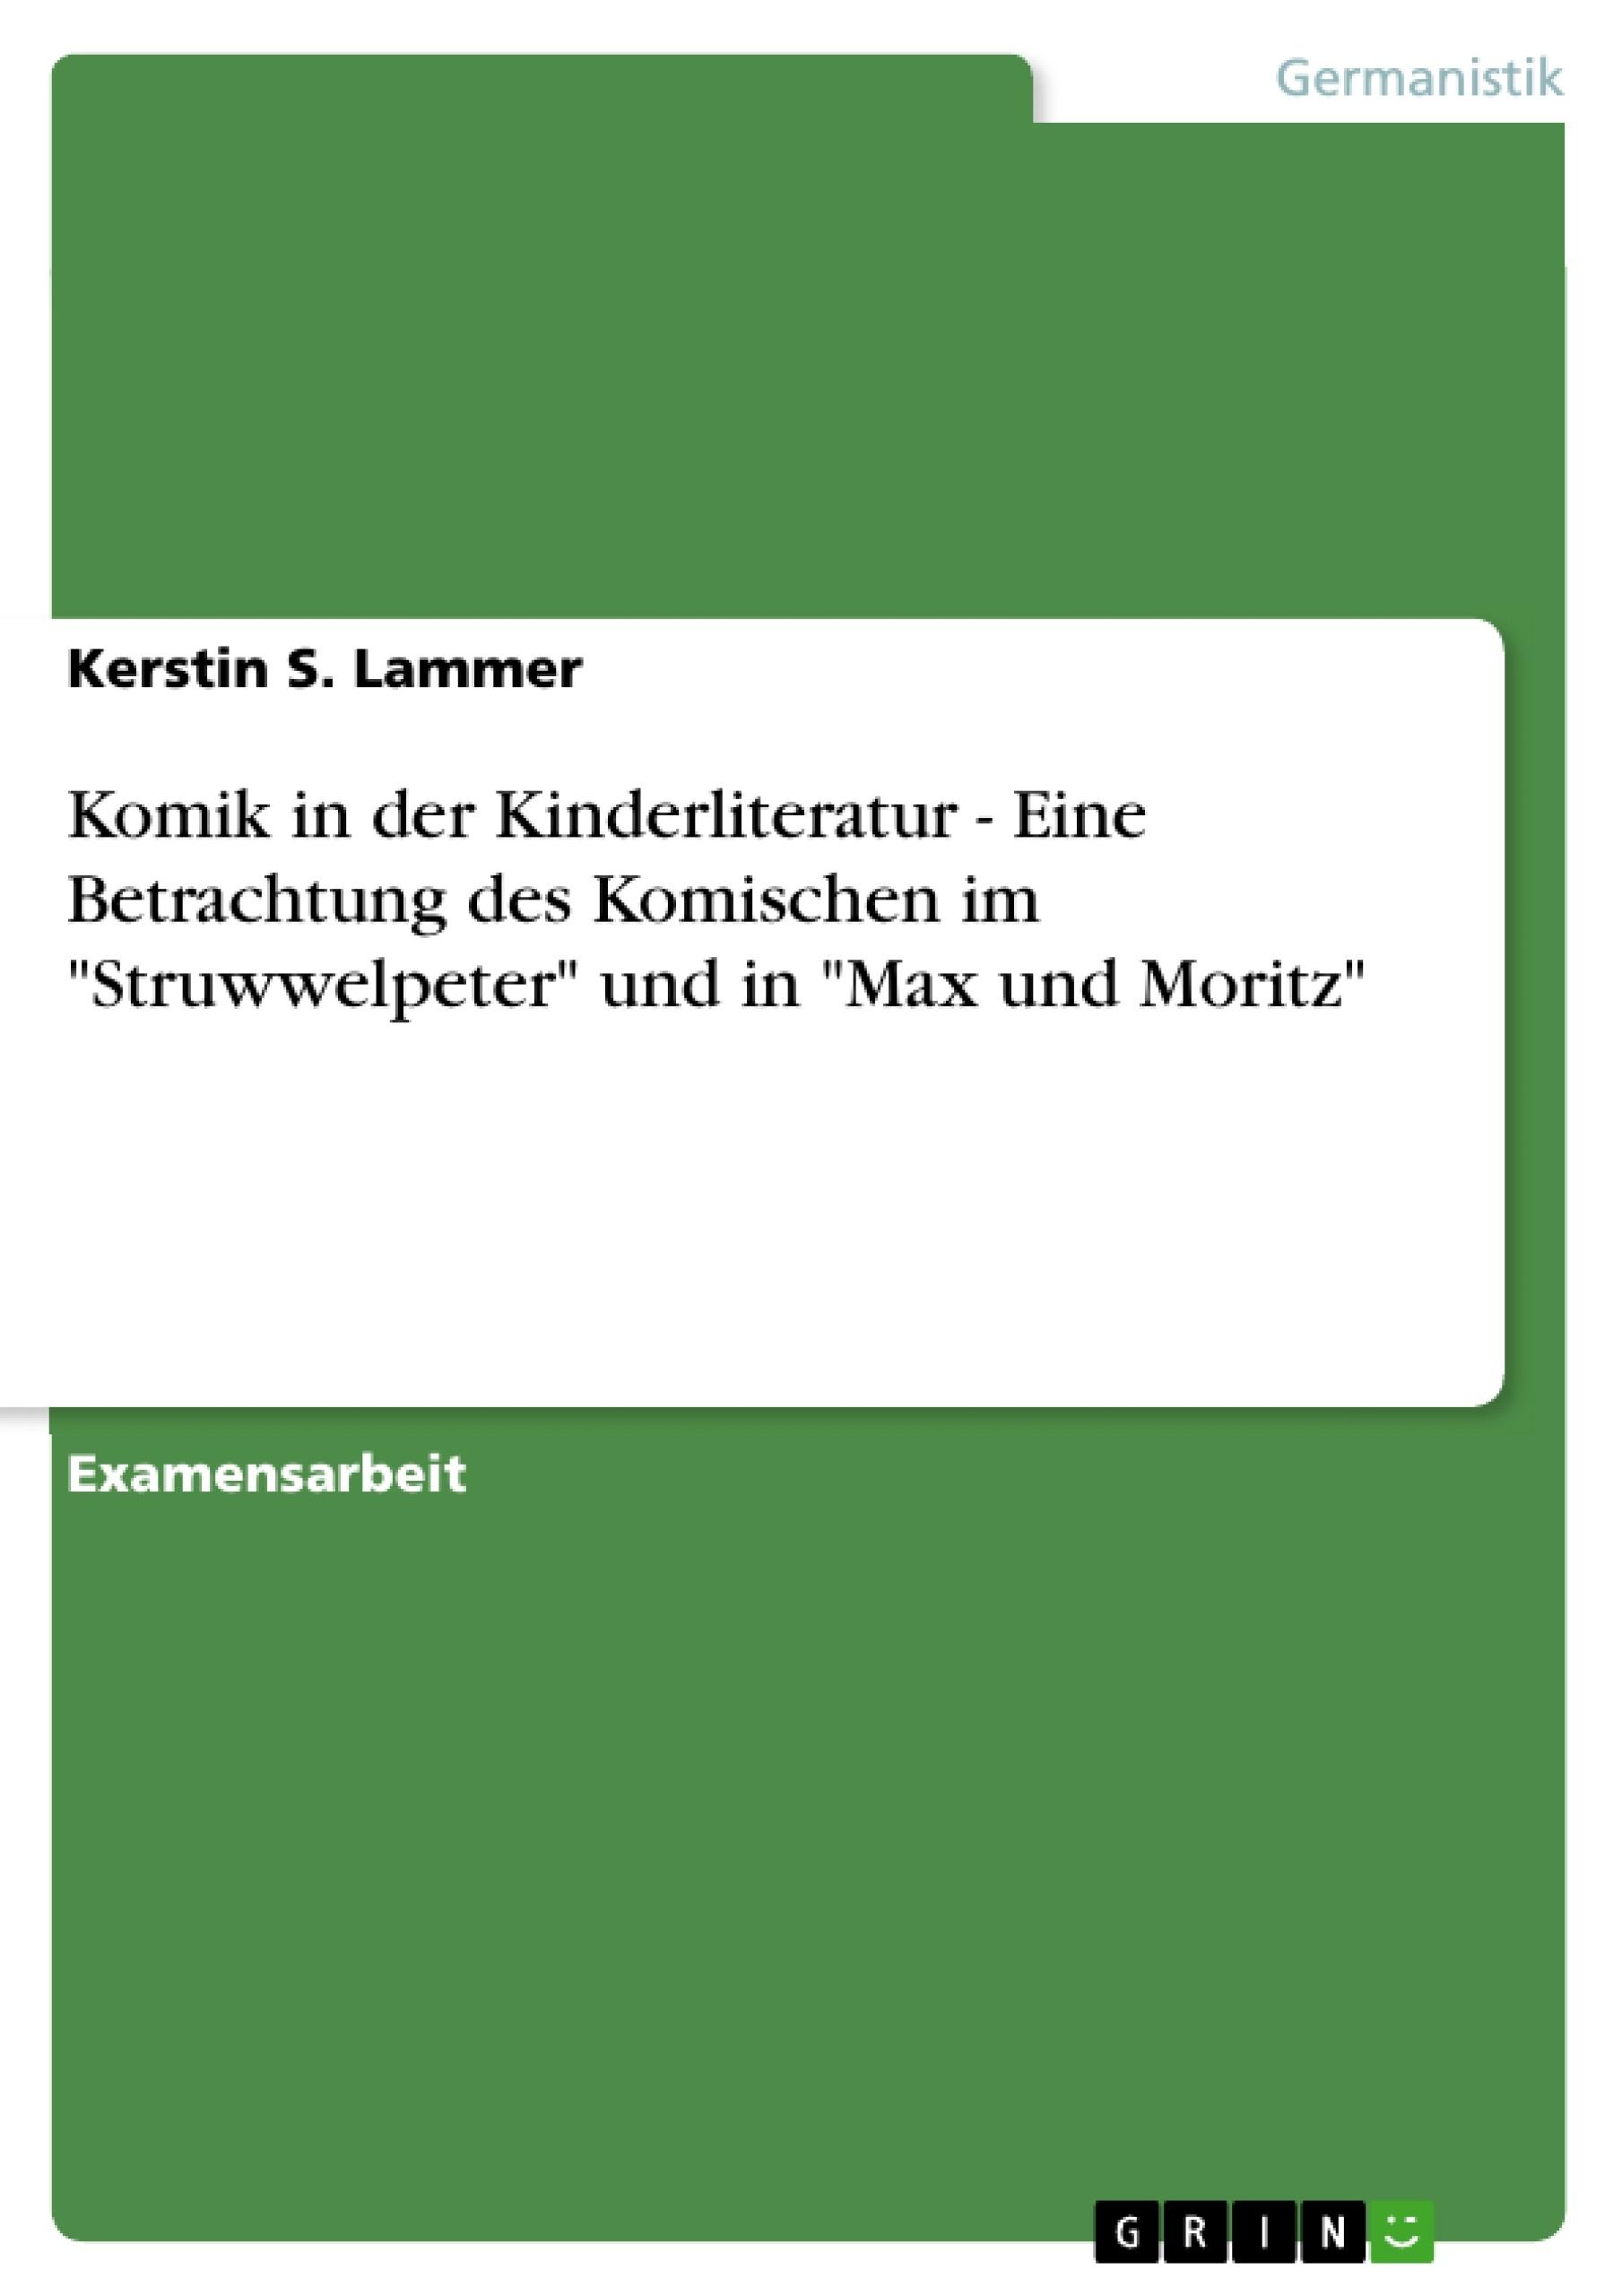 """Titel: Komik in der Kinderliteratur - Eine Betrachtung des Komischen im """"Struwwelpeter"""" und in """"Max und Moritz"""""""